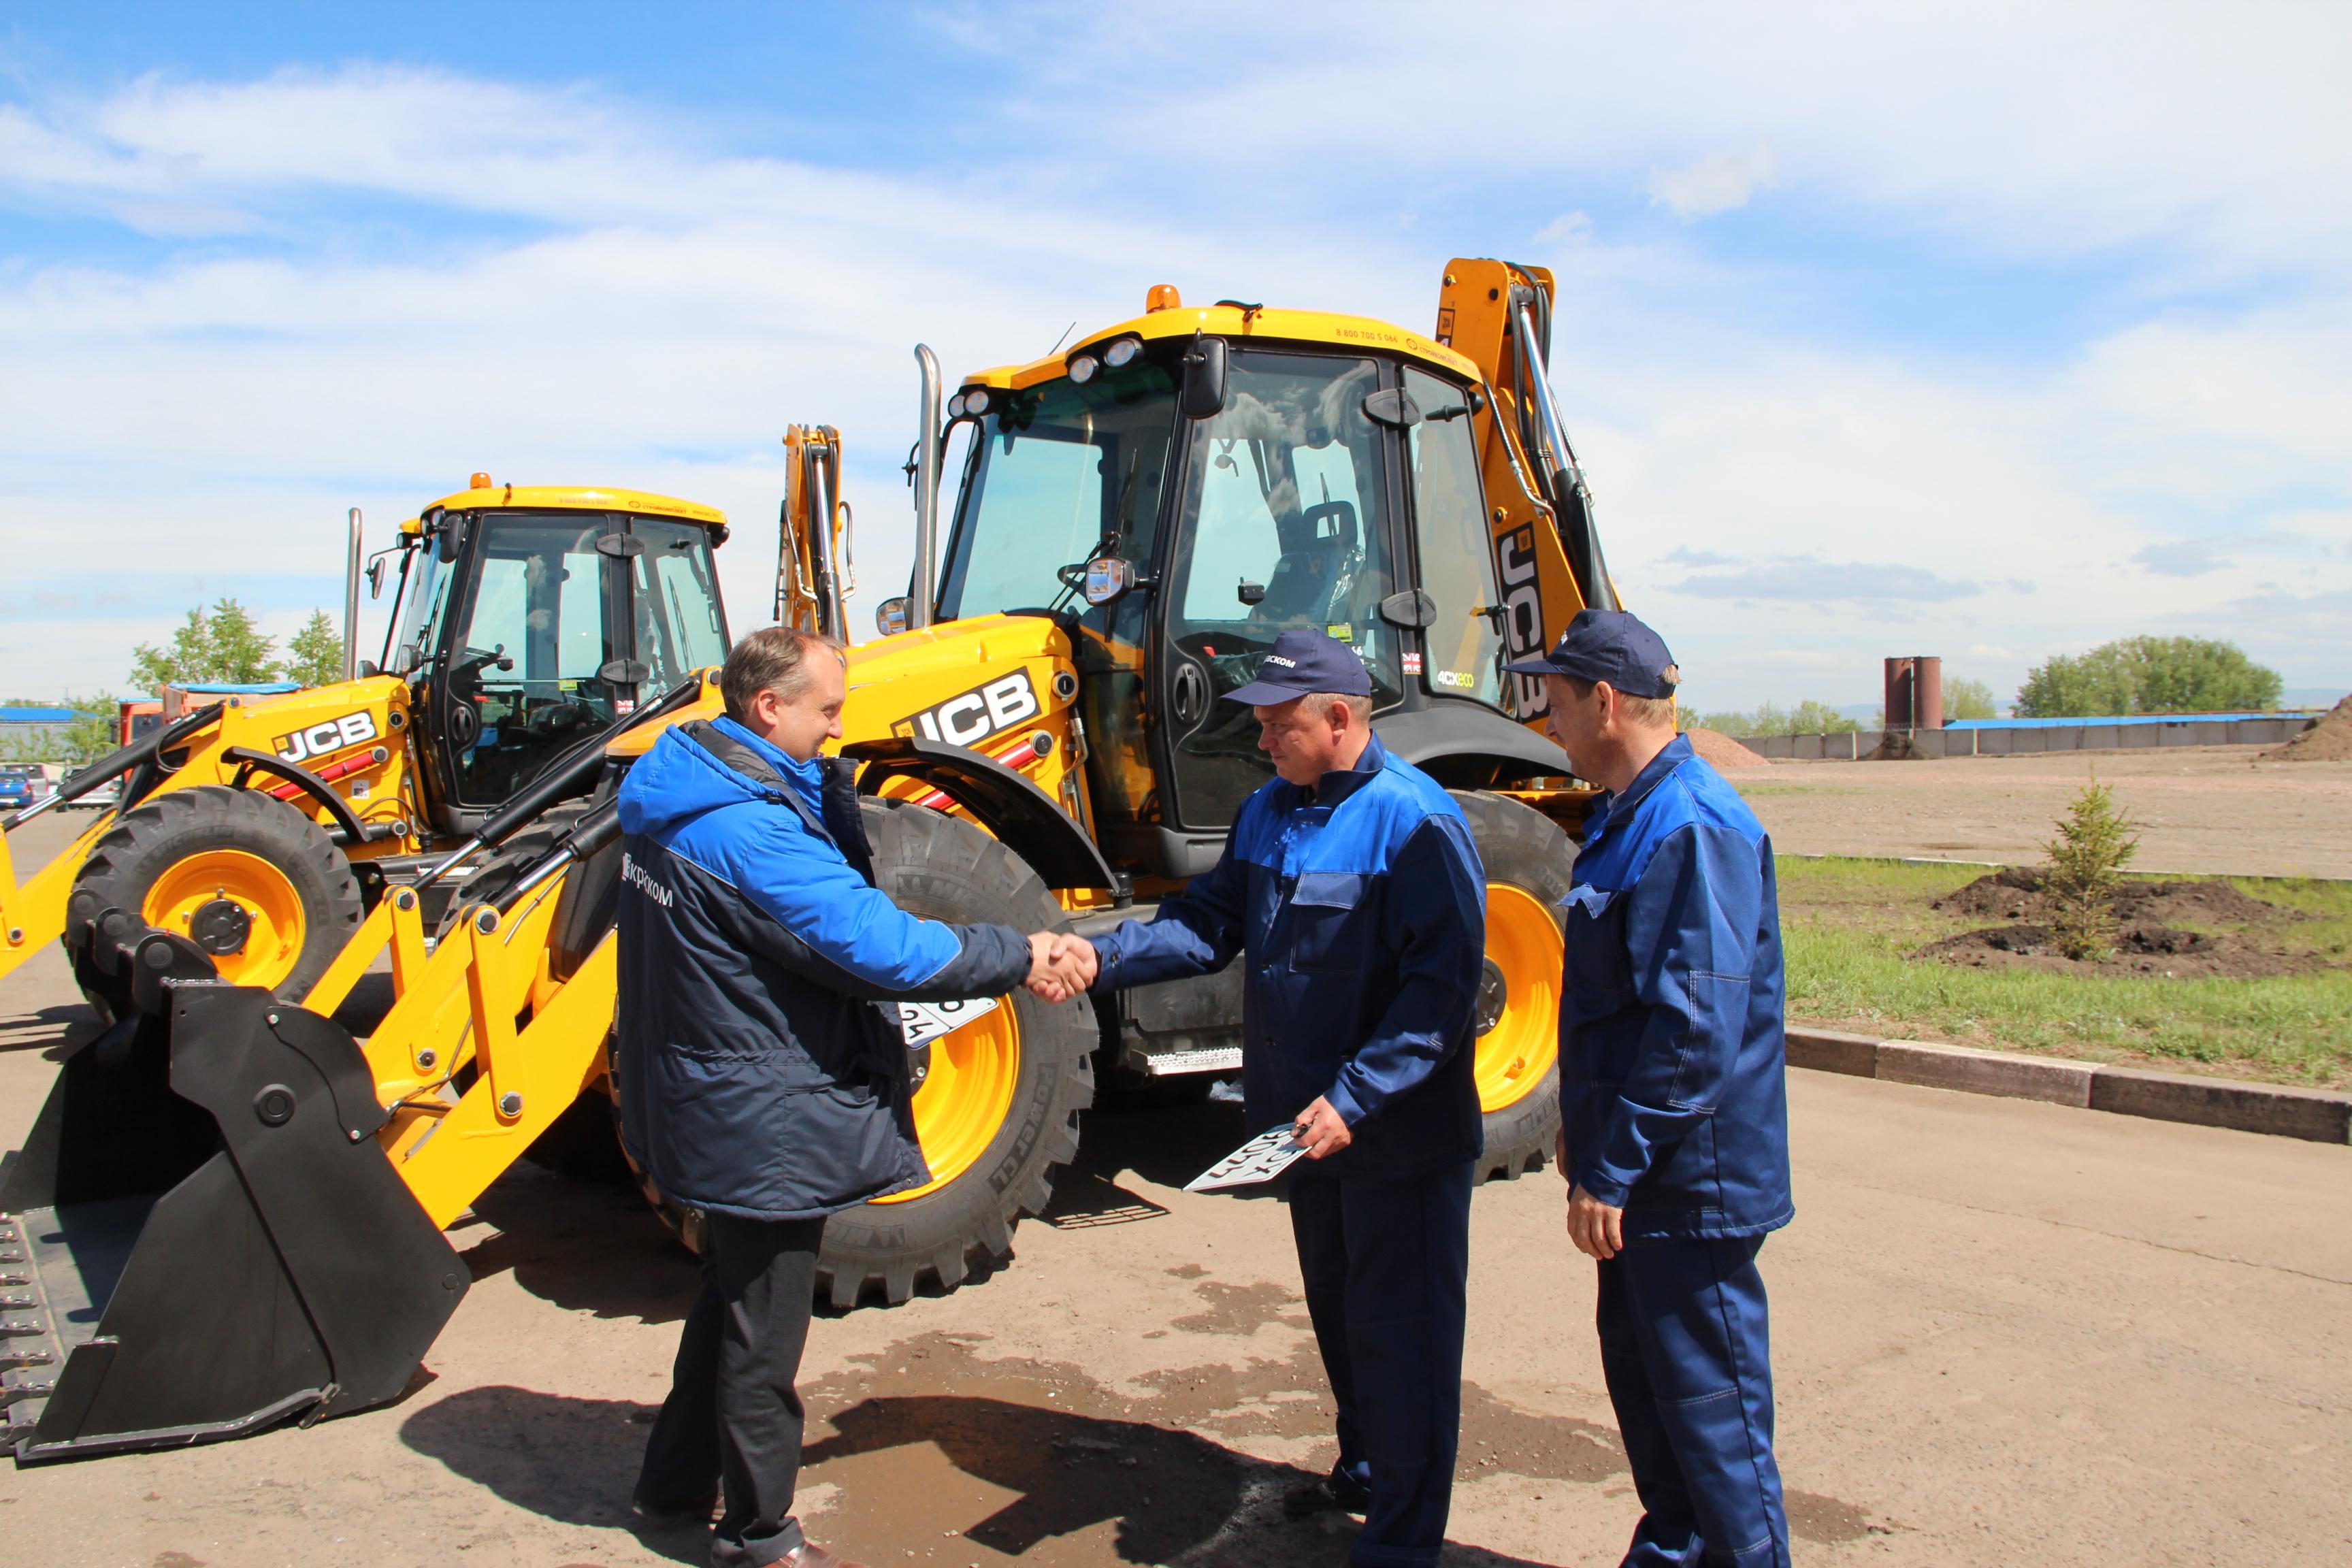 Два новых экскаватора JCB вышли сегодня в рейс с аварийными бригадами цеха эксплуатации и ремонта сетей холодного водоснабжения компании КрасКом.